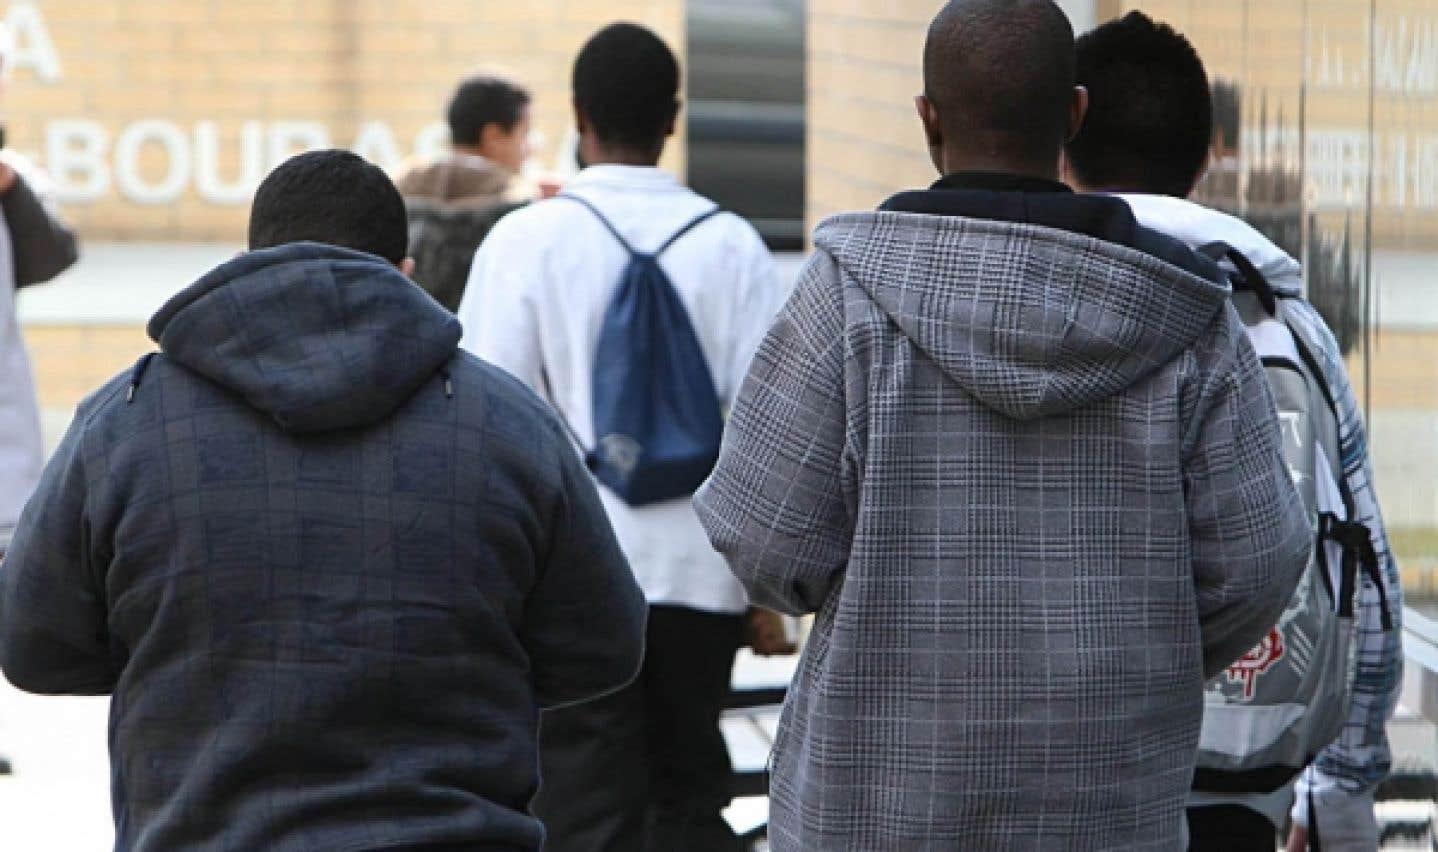 Profilage racial - Montréal en veut à la Commission des droits de la personne